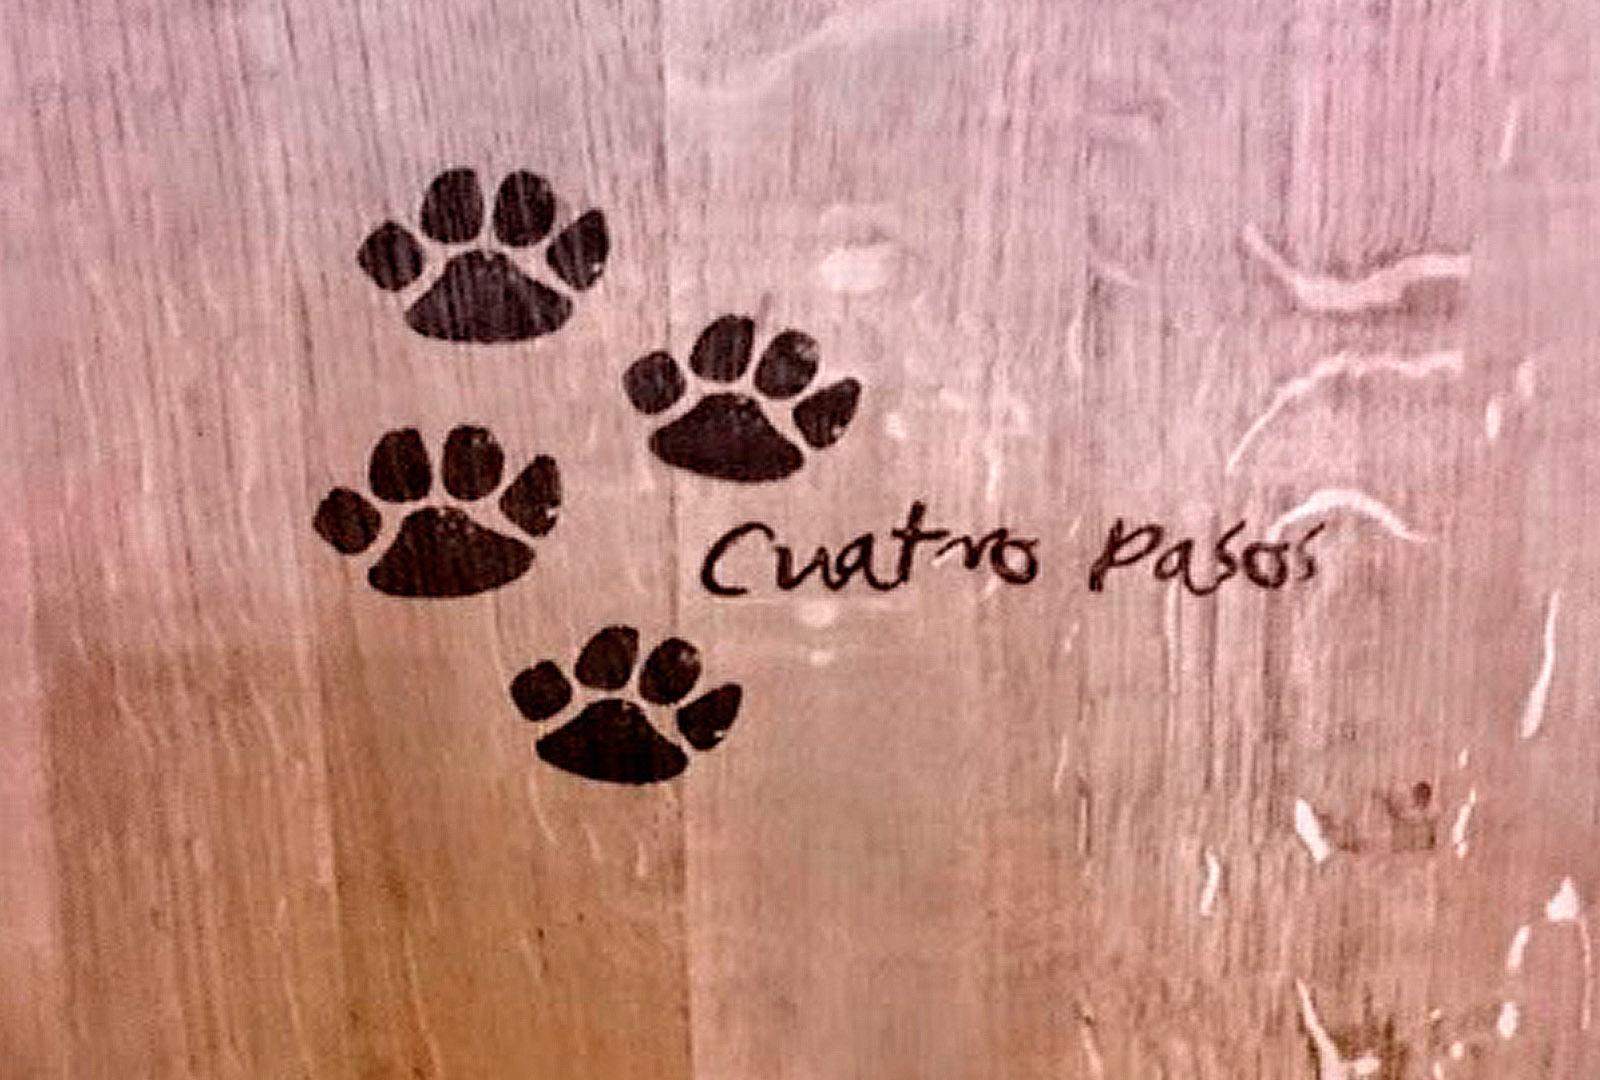 """Cuatro Pasos, la """"Bodega del Oso""""."""